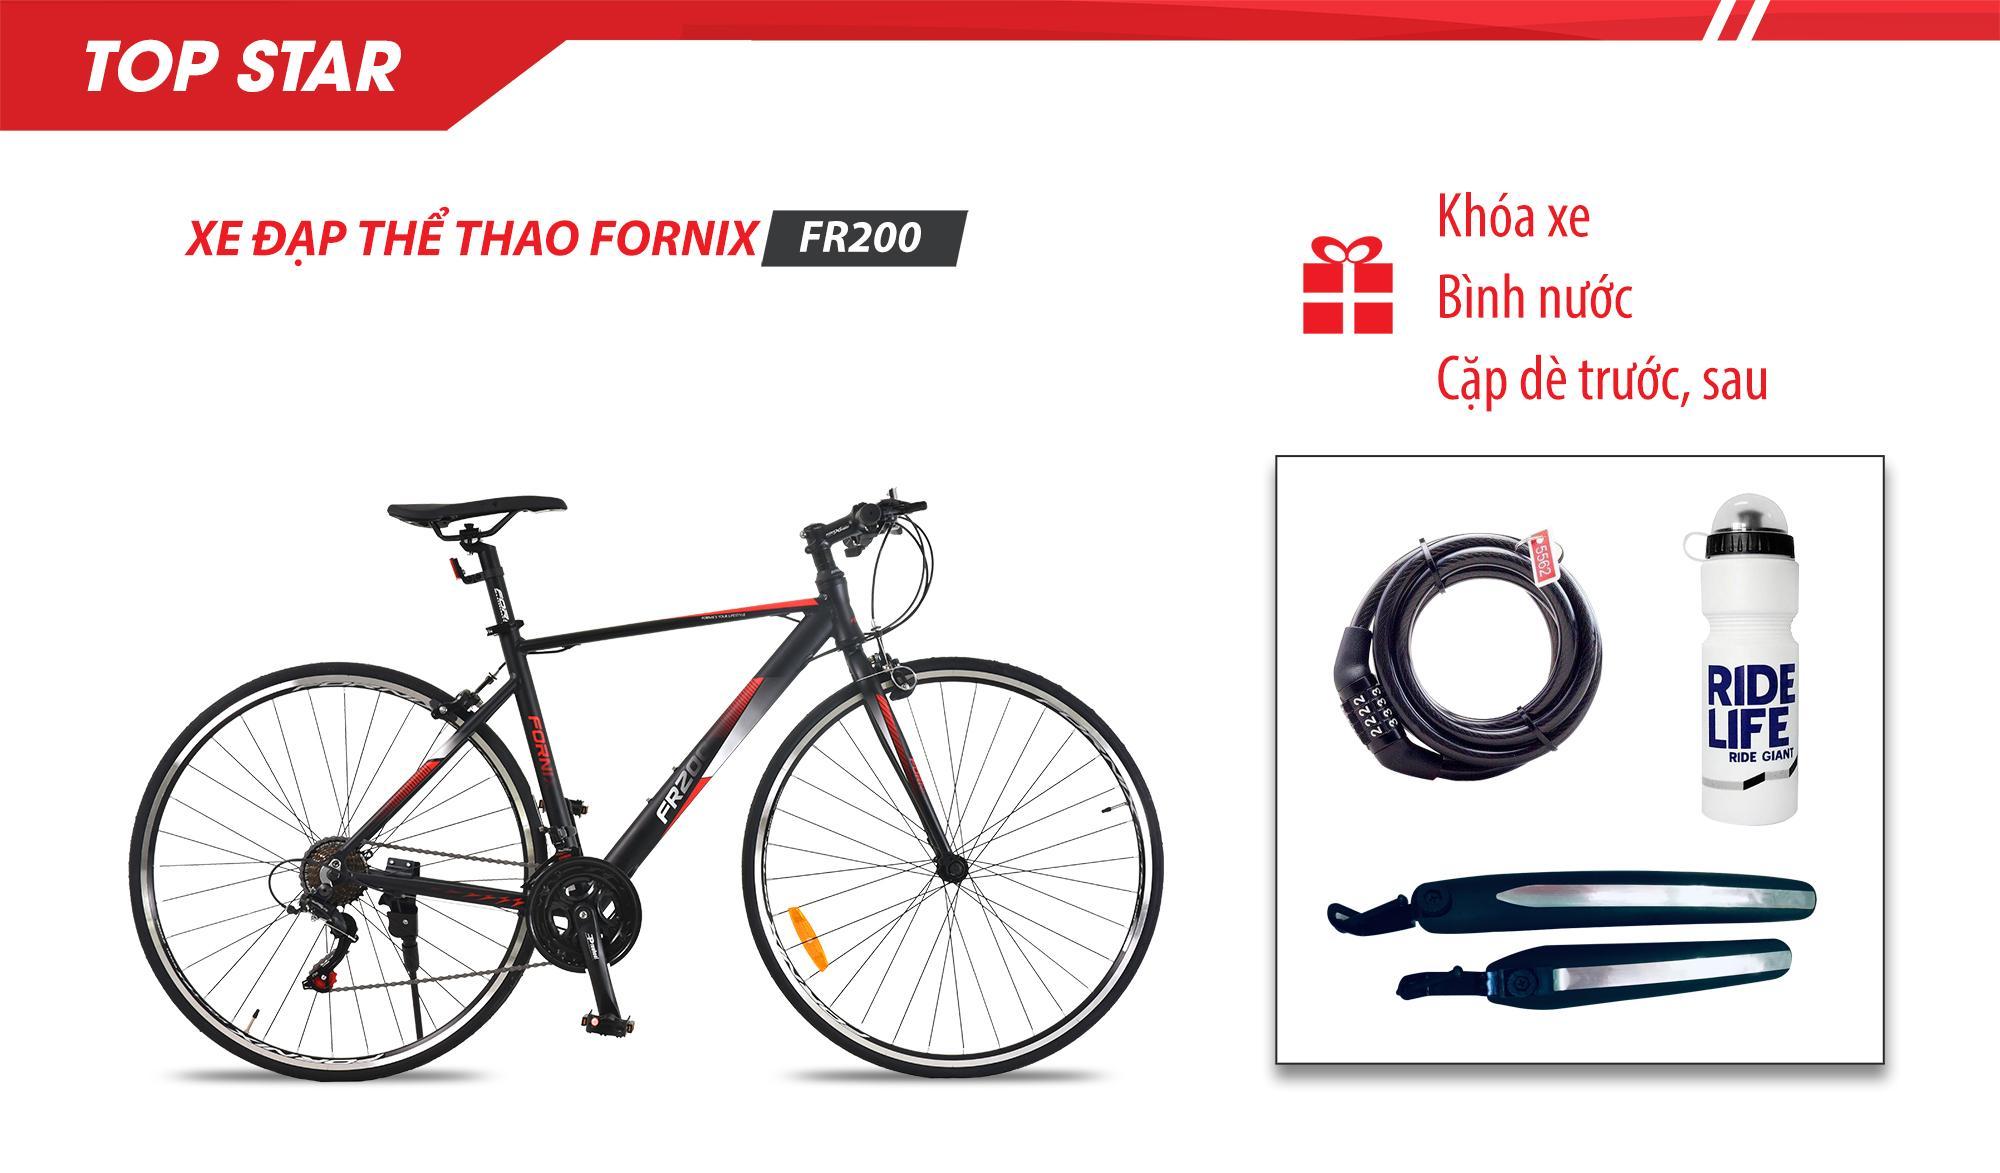 Mua Xe đạp thể thao FR200-Vòng bánh 700C- Bảo hành 12 tháng + (gift) Bình nước, Khóa xe cao cấp, Cặp dè